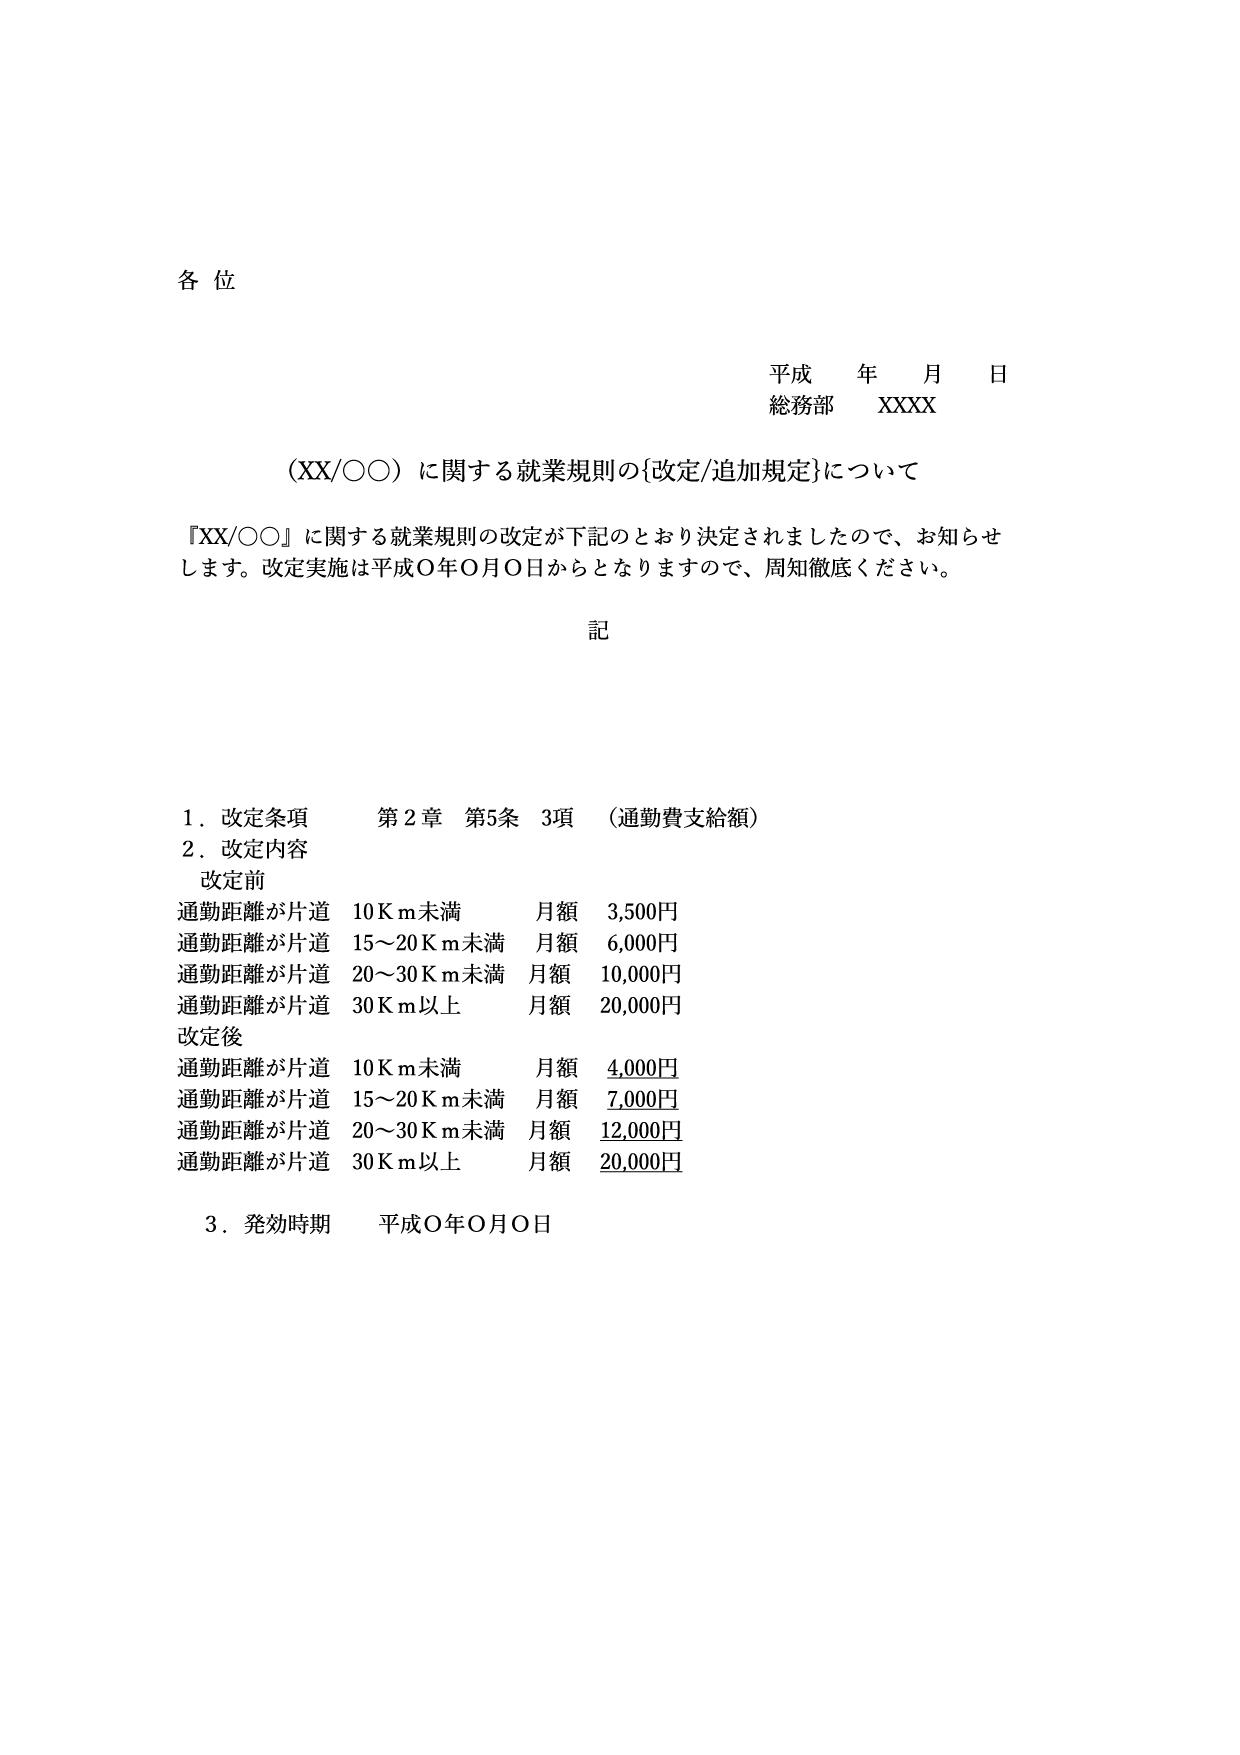 通知書の文例テンプレート_就業規則(ワード・ページズ)